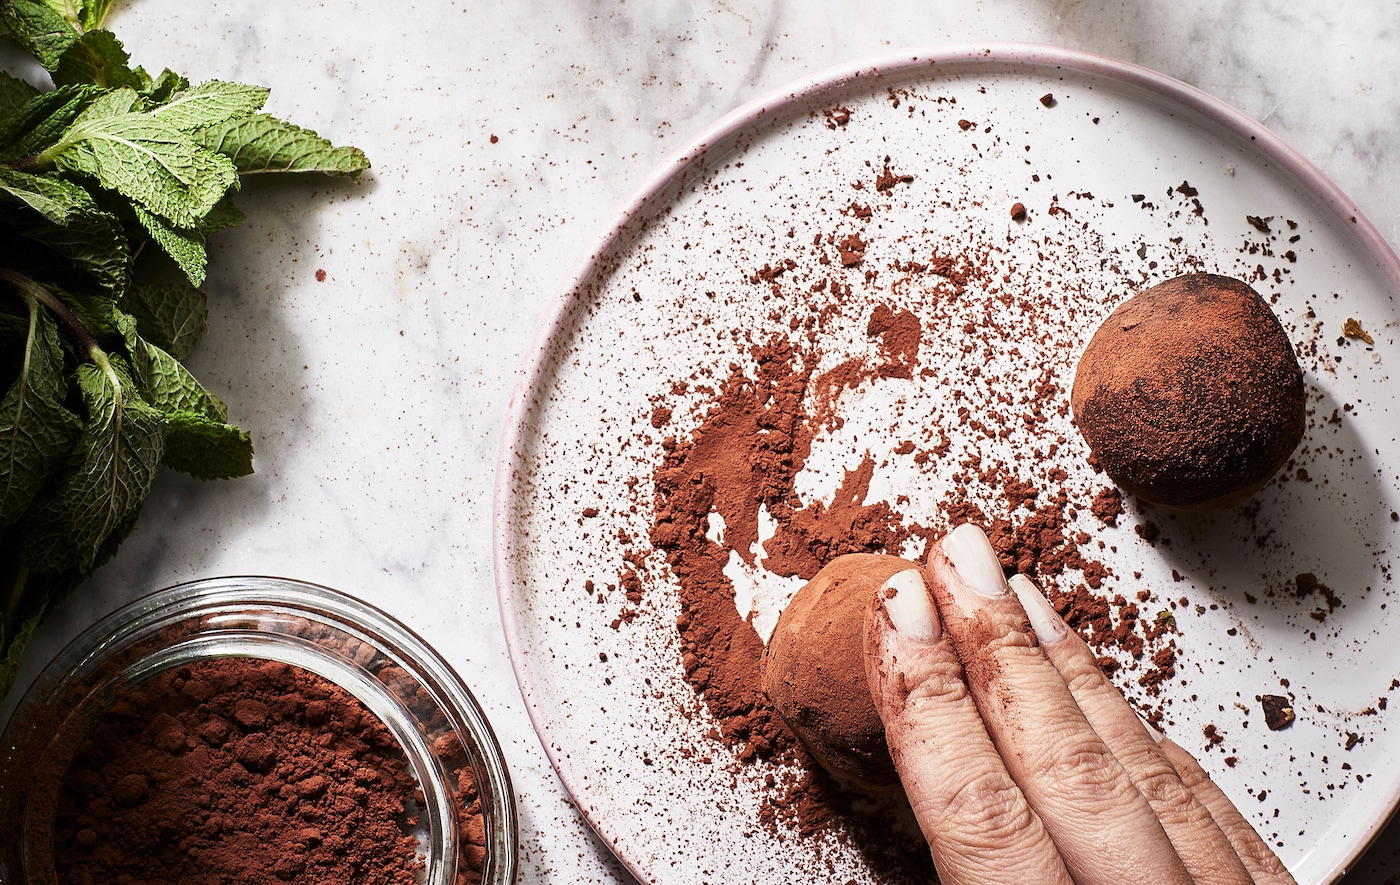 Šaka oblikuje okruglu pralinu u obliku ćufte, uz kakao na ravnom tanjiriću; sveži listovi nane sa strane.